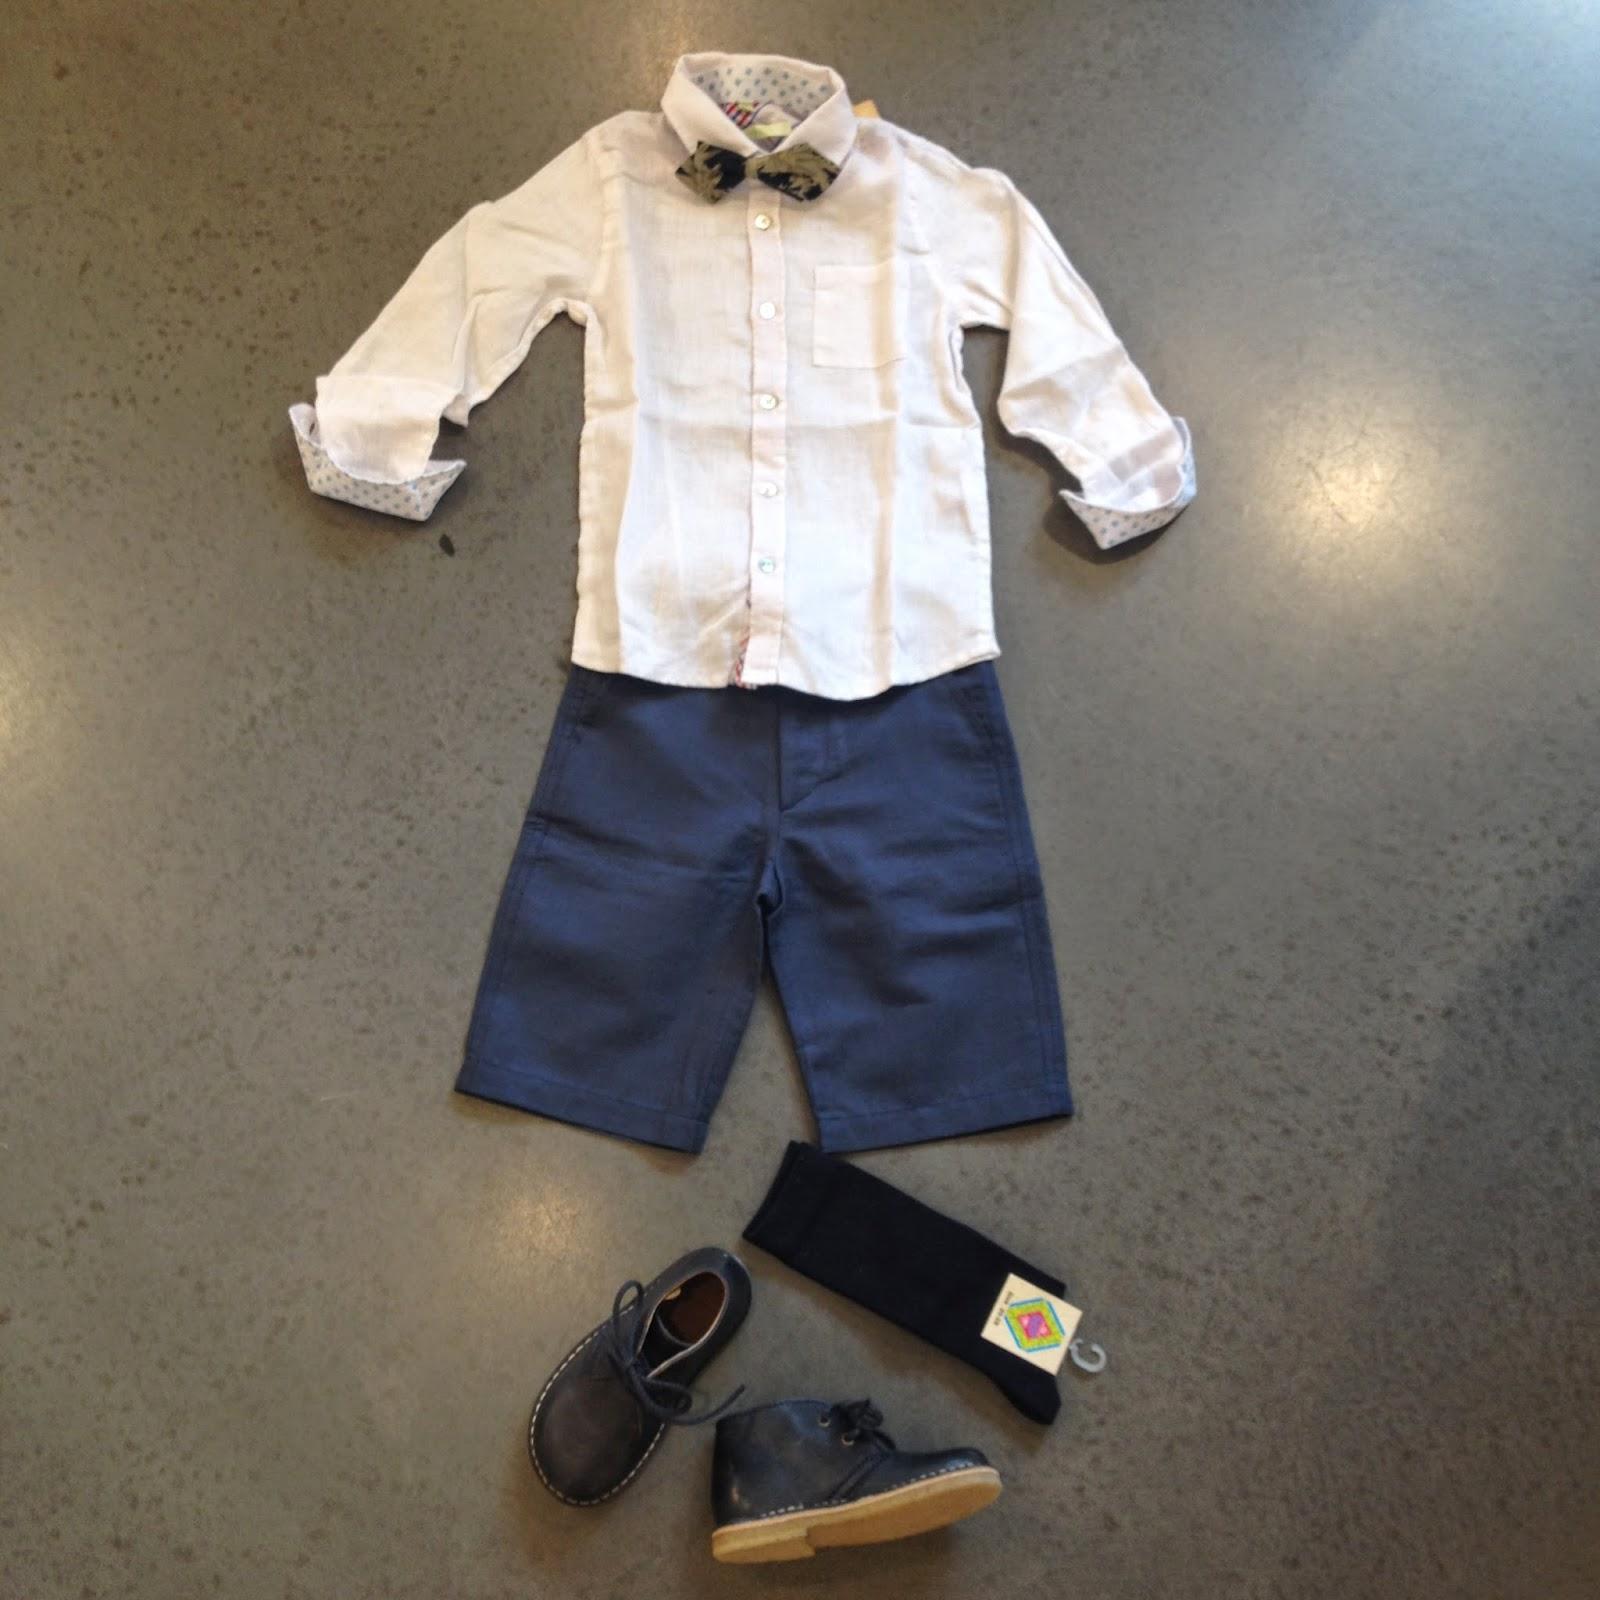 6b6a7384 Shorts fra Poppy Rose, 4 - 10 år. Skjorte fra Aston Martin, 2 - 7 år.  Sløyfe fra Scotch Shrunk, one size. Sko fra Bisgaard Knestrømper fra MP